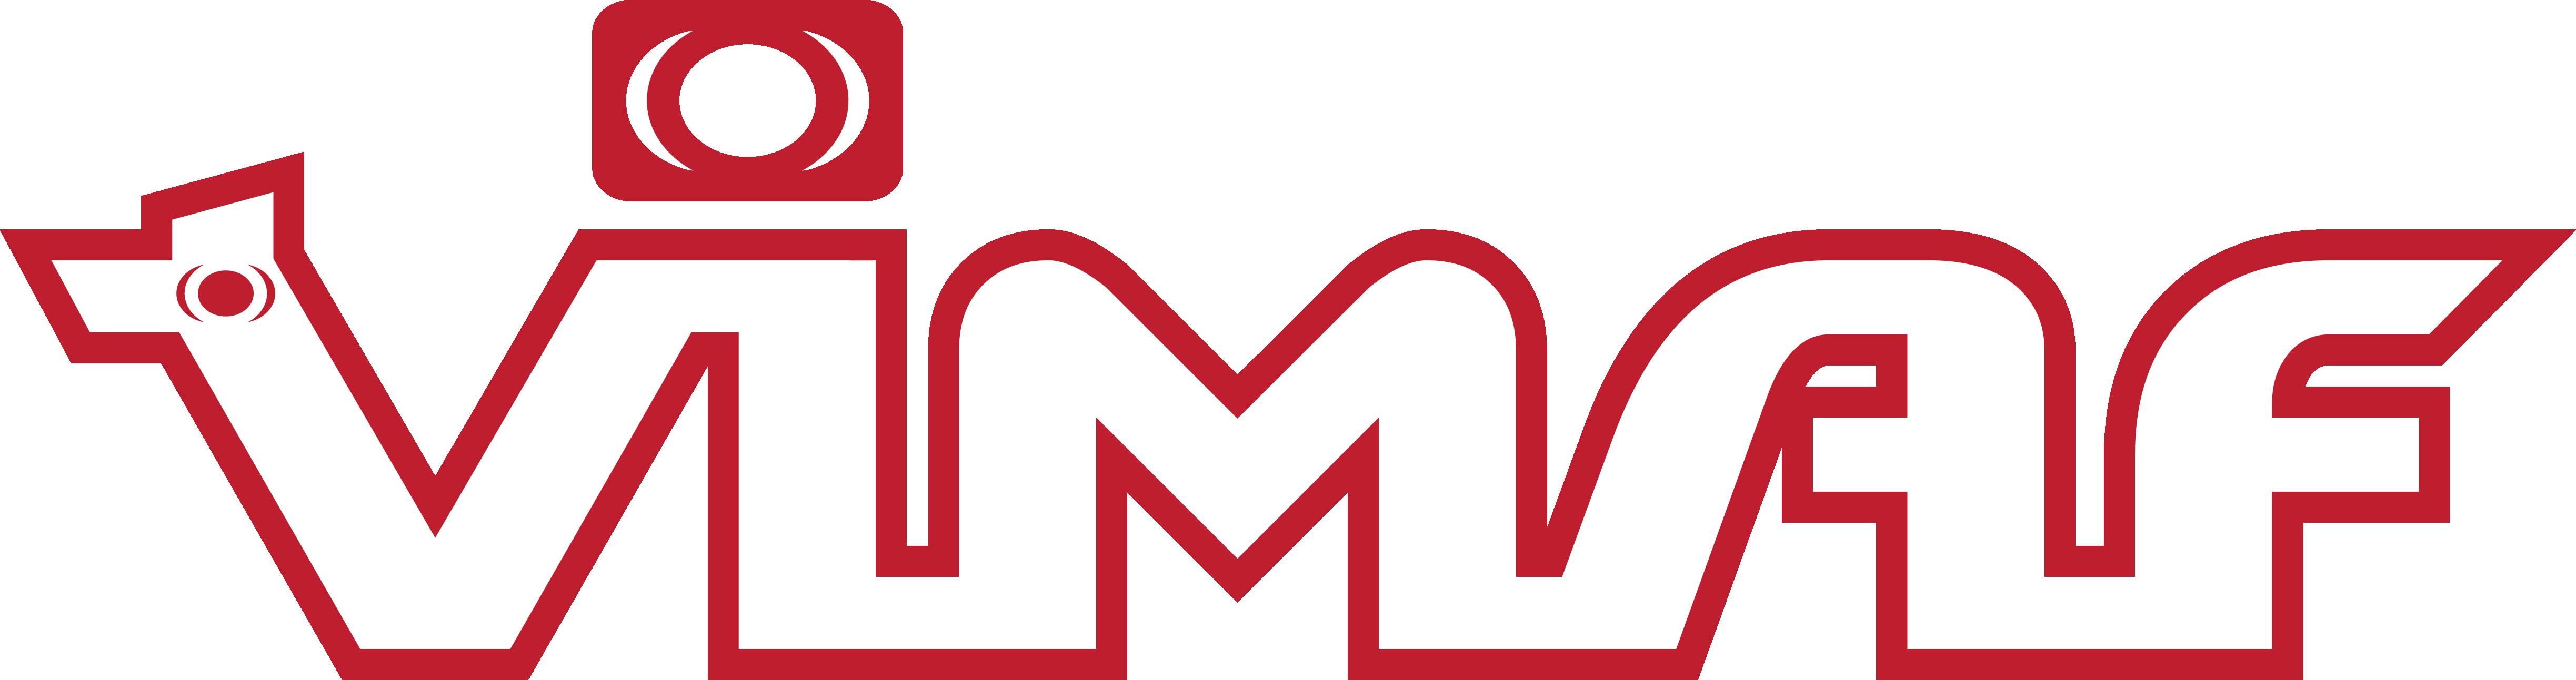 vimaf-logo-red